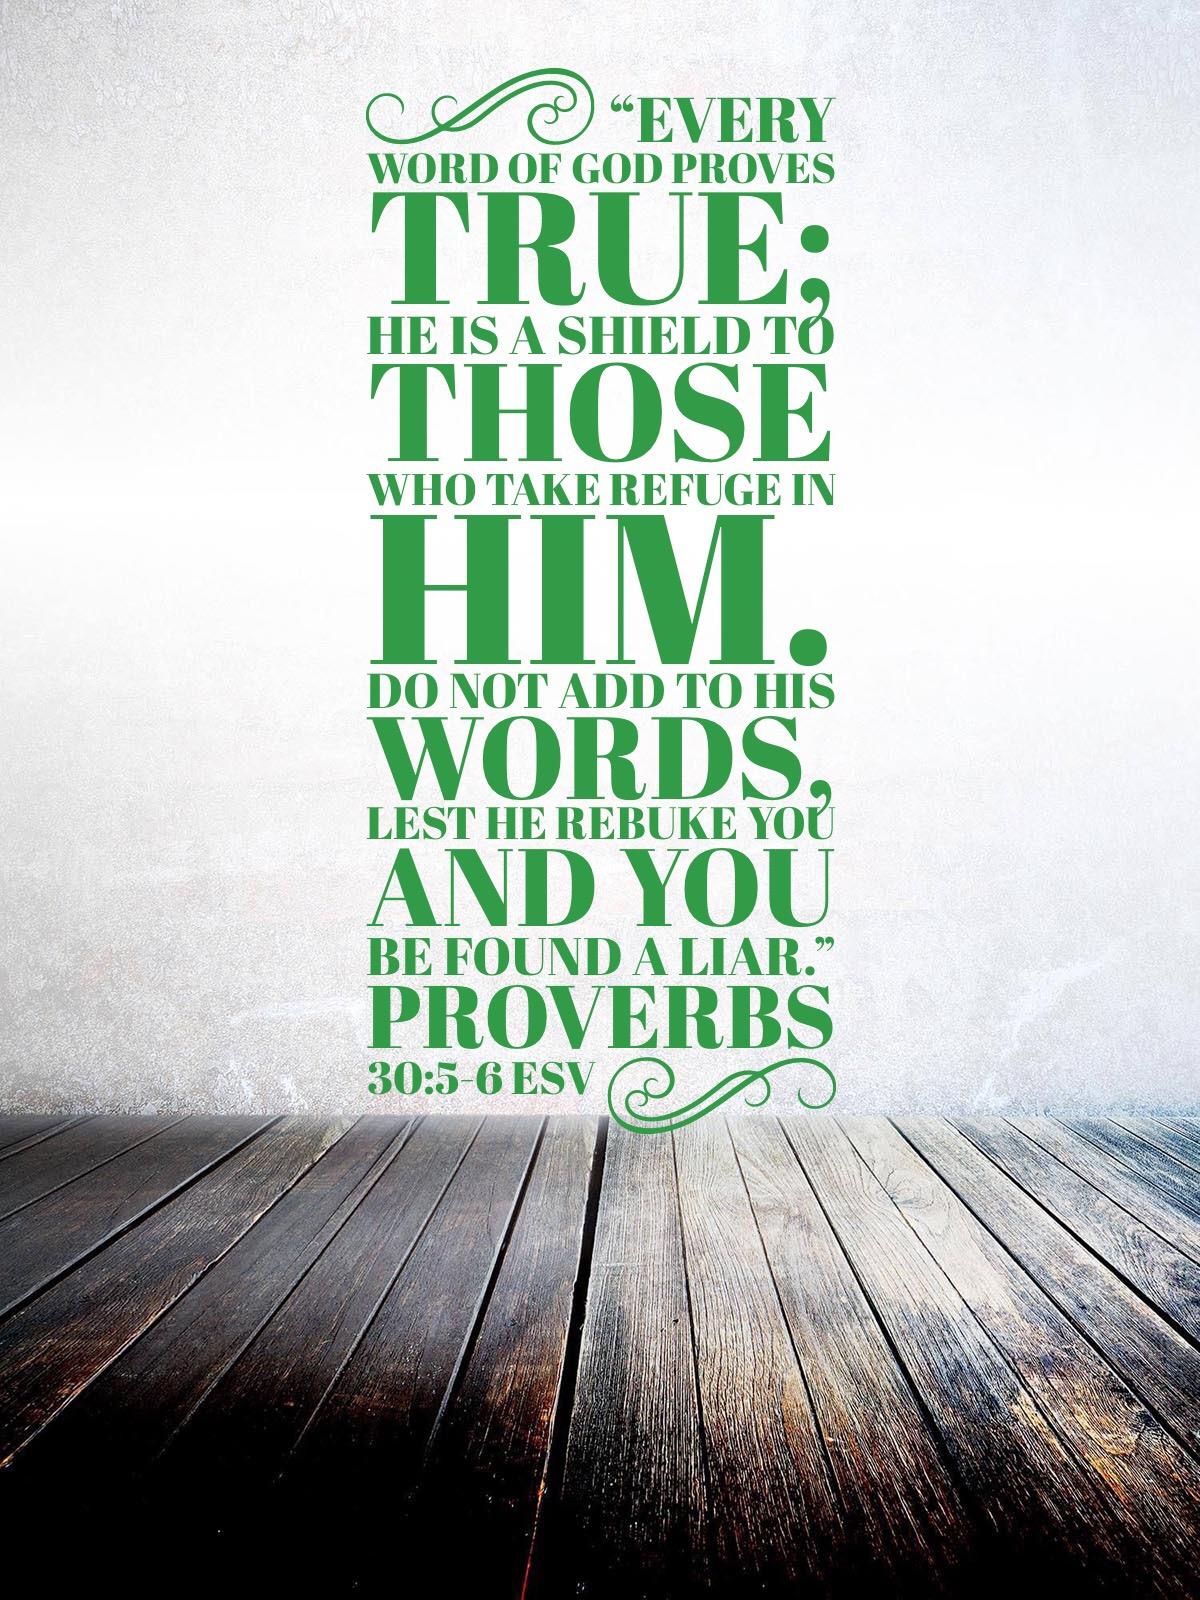 Proverbs 30:5-6